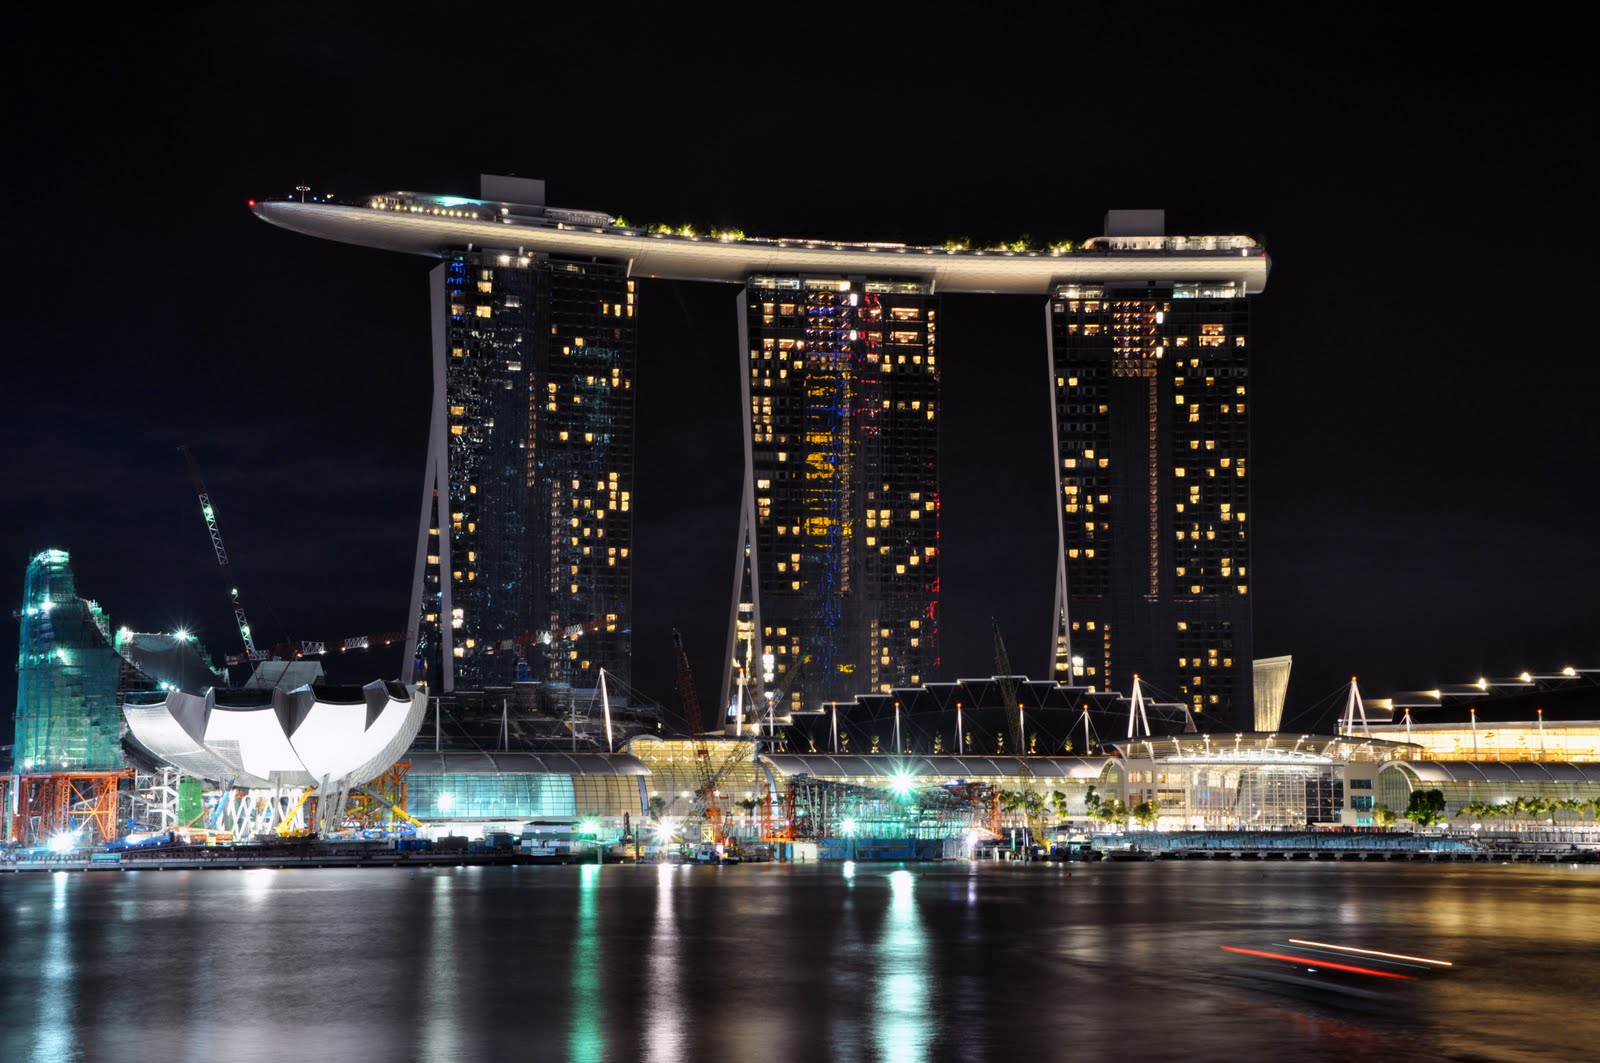 Circuito F1 Singapur : Análisis numérico de los libres y del gran premio de singapur